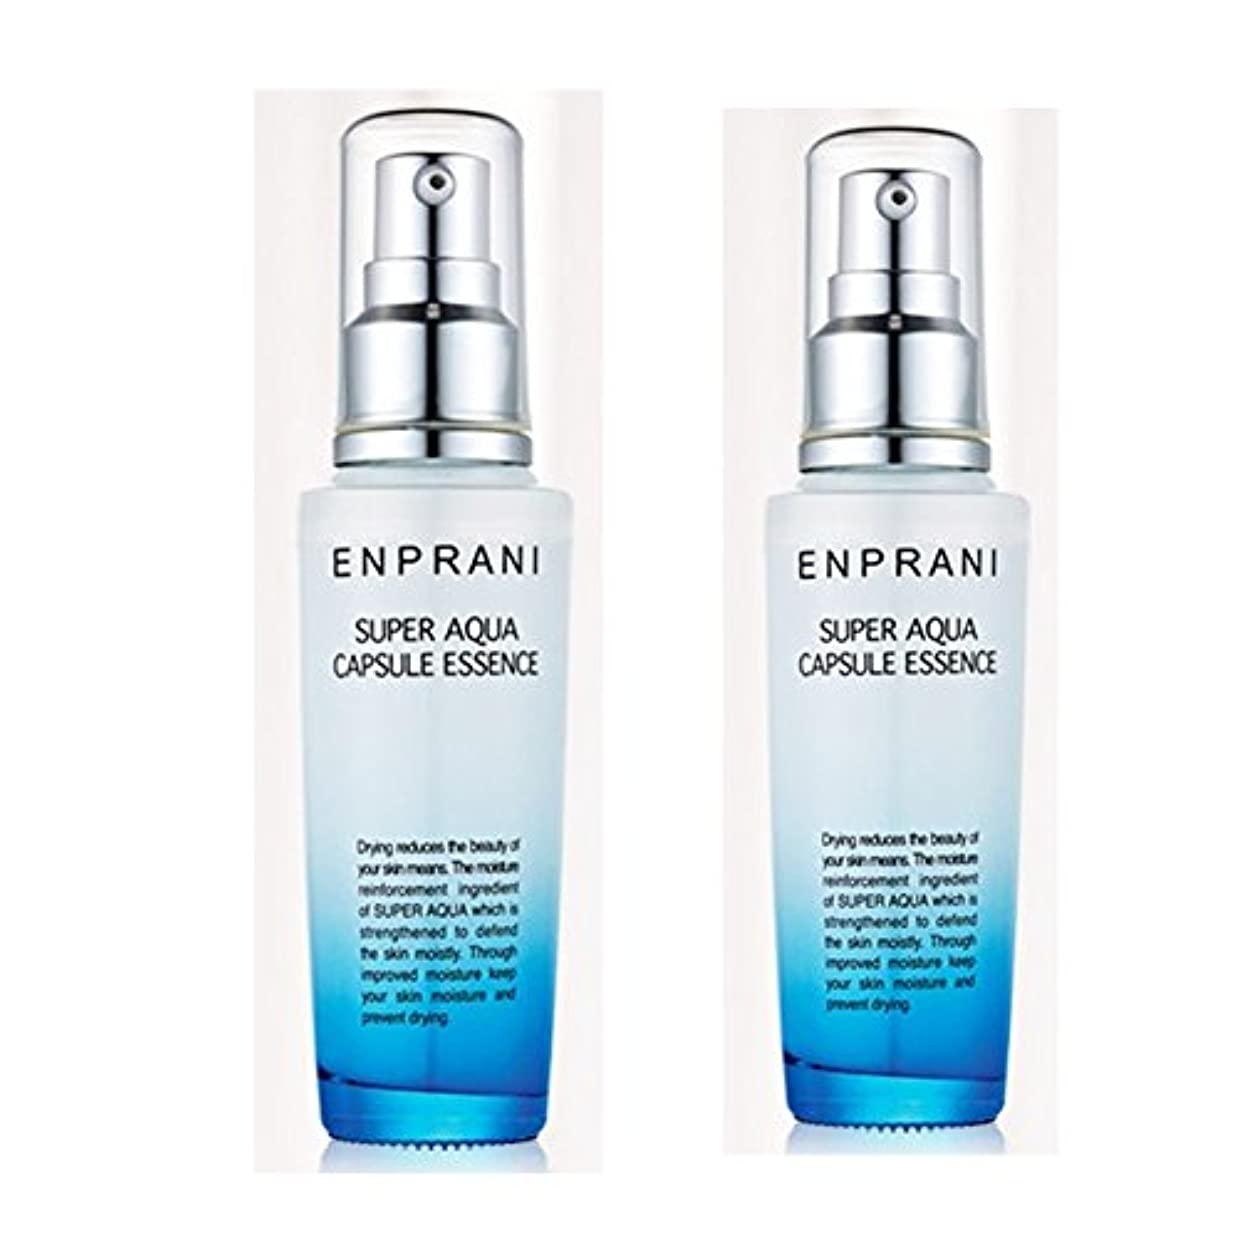 不機嫌そうな拳寄託エンプラニ(ENPRANI) スーパーアクアカプセルエッセンス55ml x 2本セット、ENPRANI Super Aqua Capsule Essence 55ml x 2ea Set [並行輸入品]